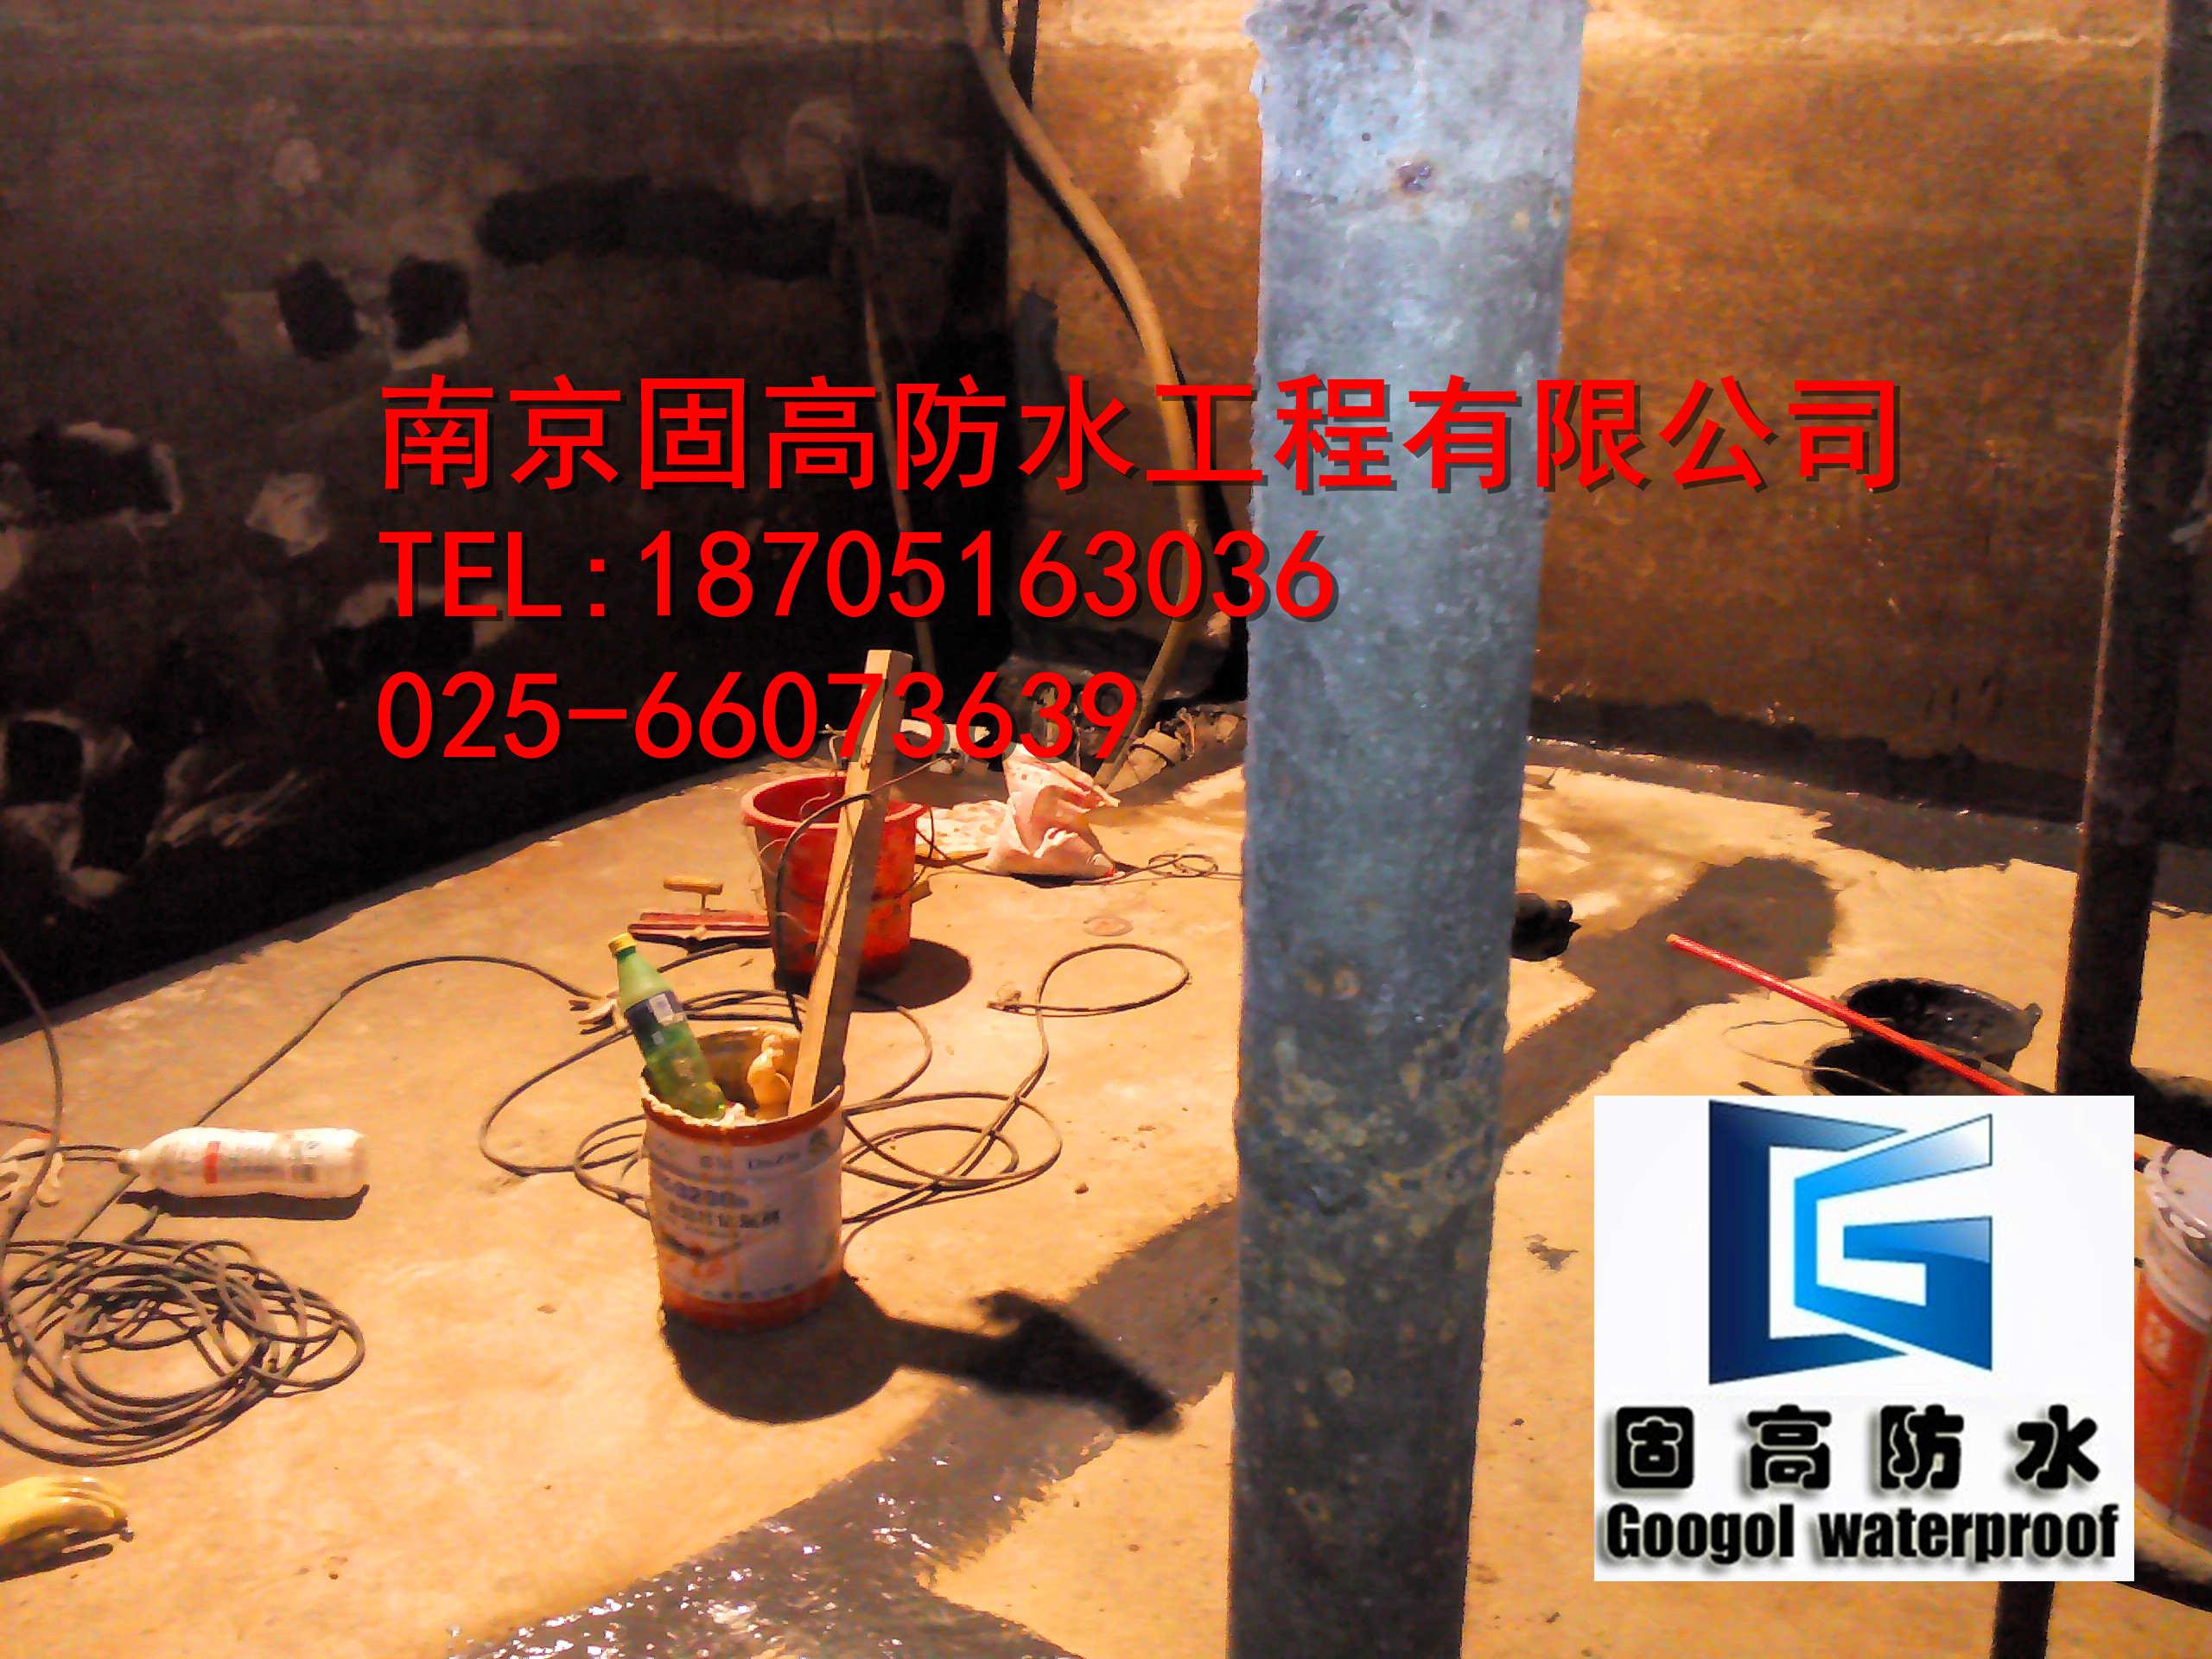 南京工业大学国家生化研究实验中心-d62dc24c96cd9b77de943b22ec2ef56b_20160330224813741374